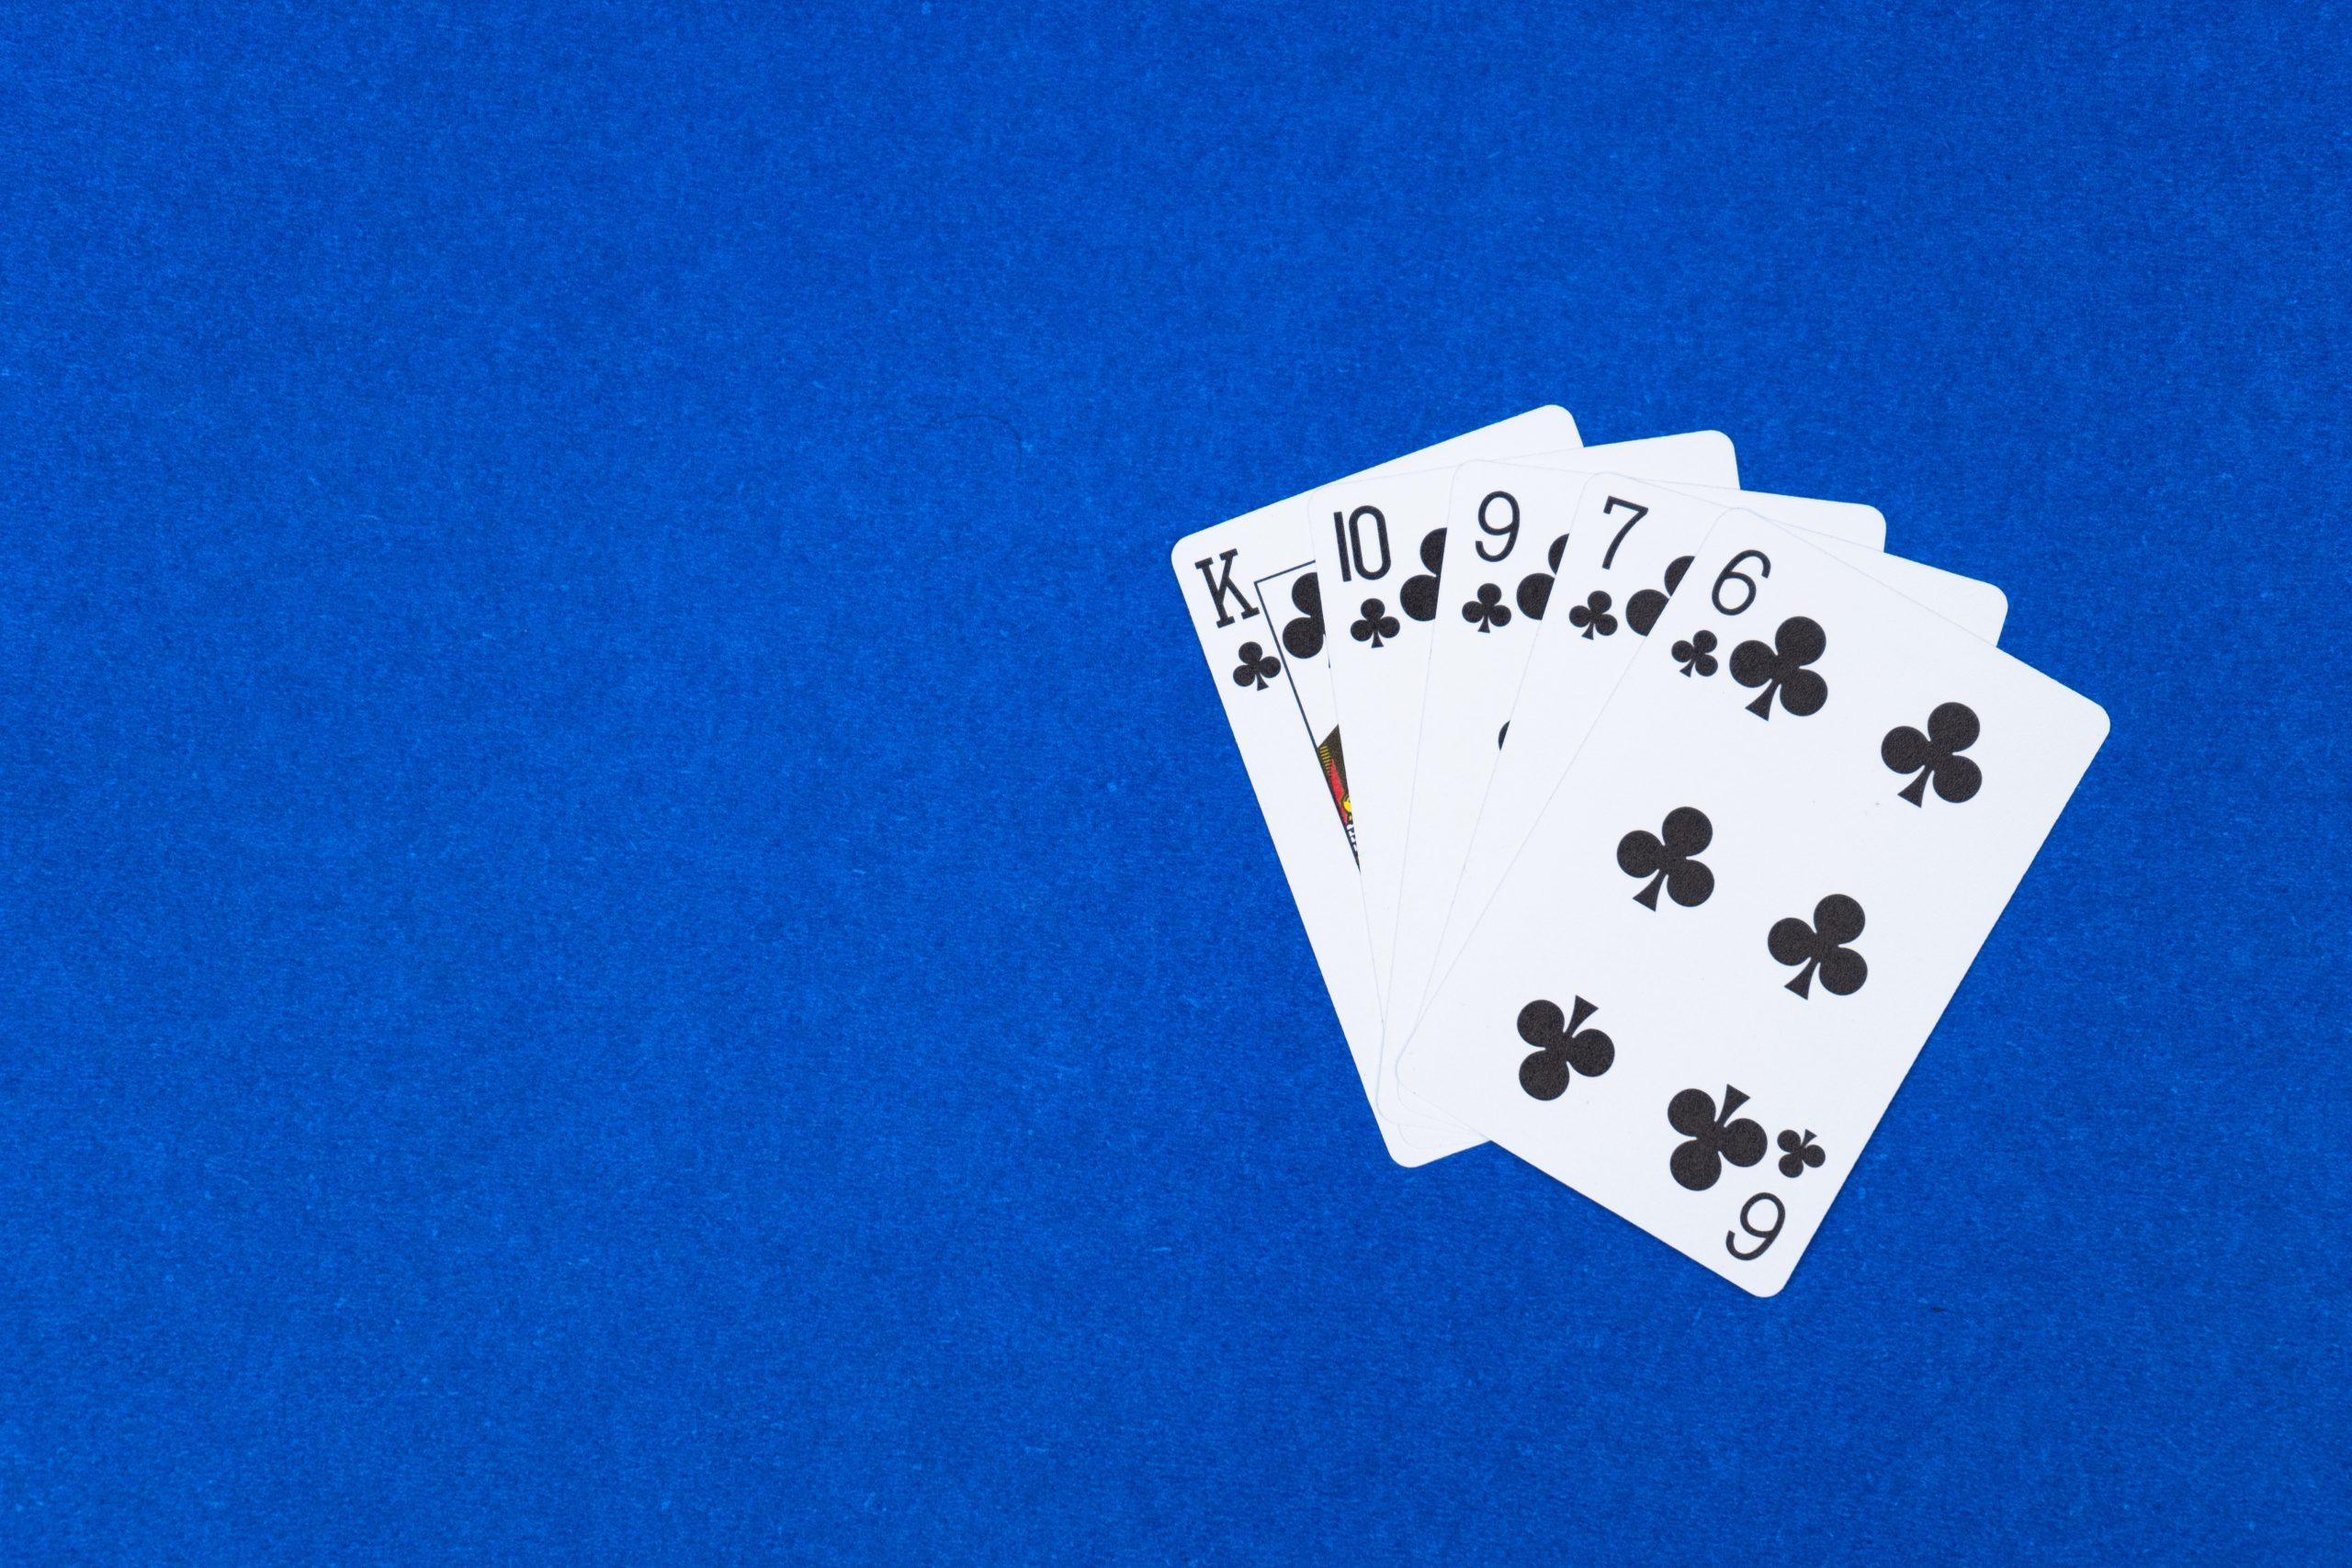 Flush hand in poker